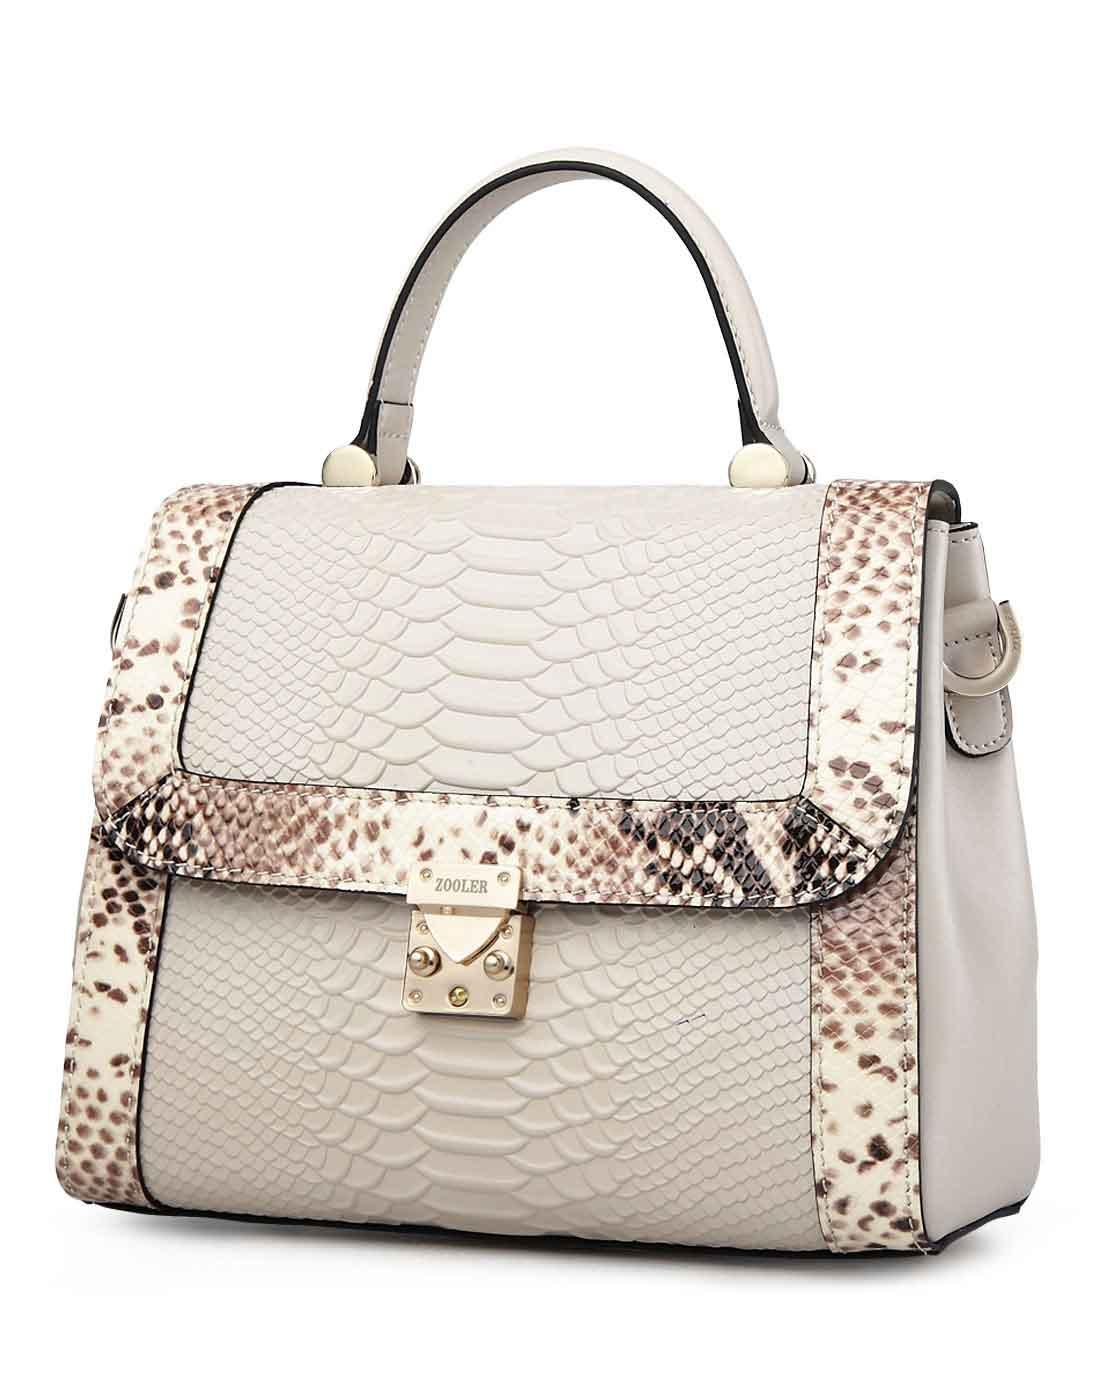 女款米白色蛇纹新款欧美时尚手提包